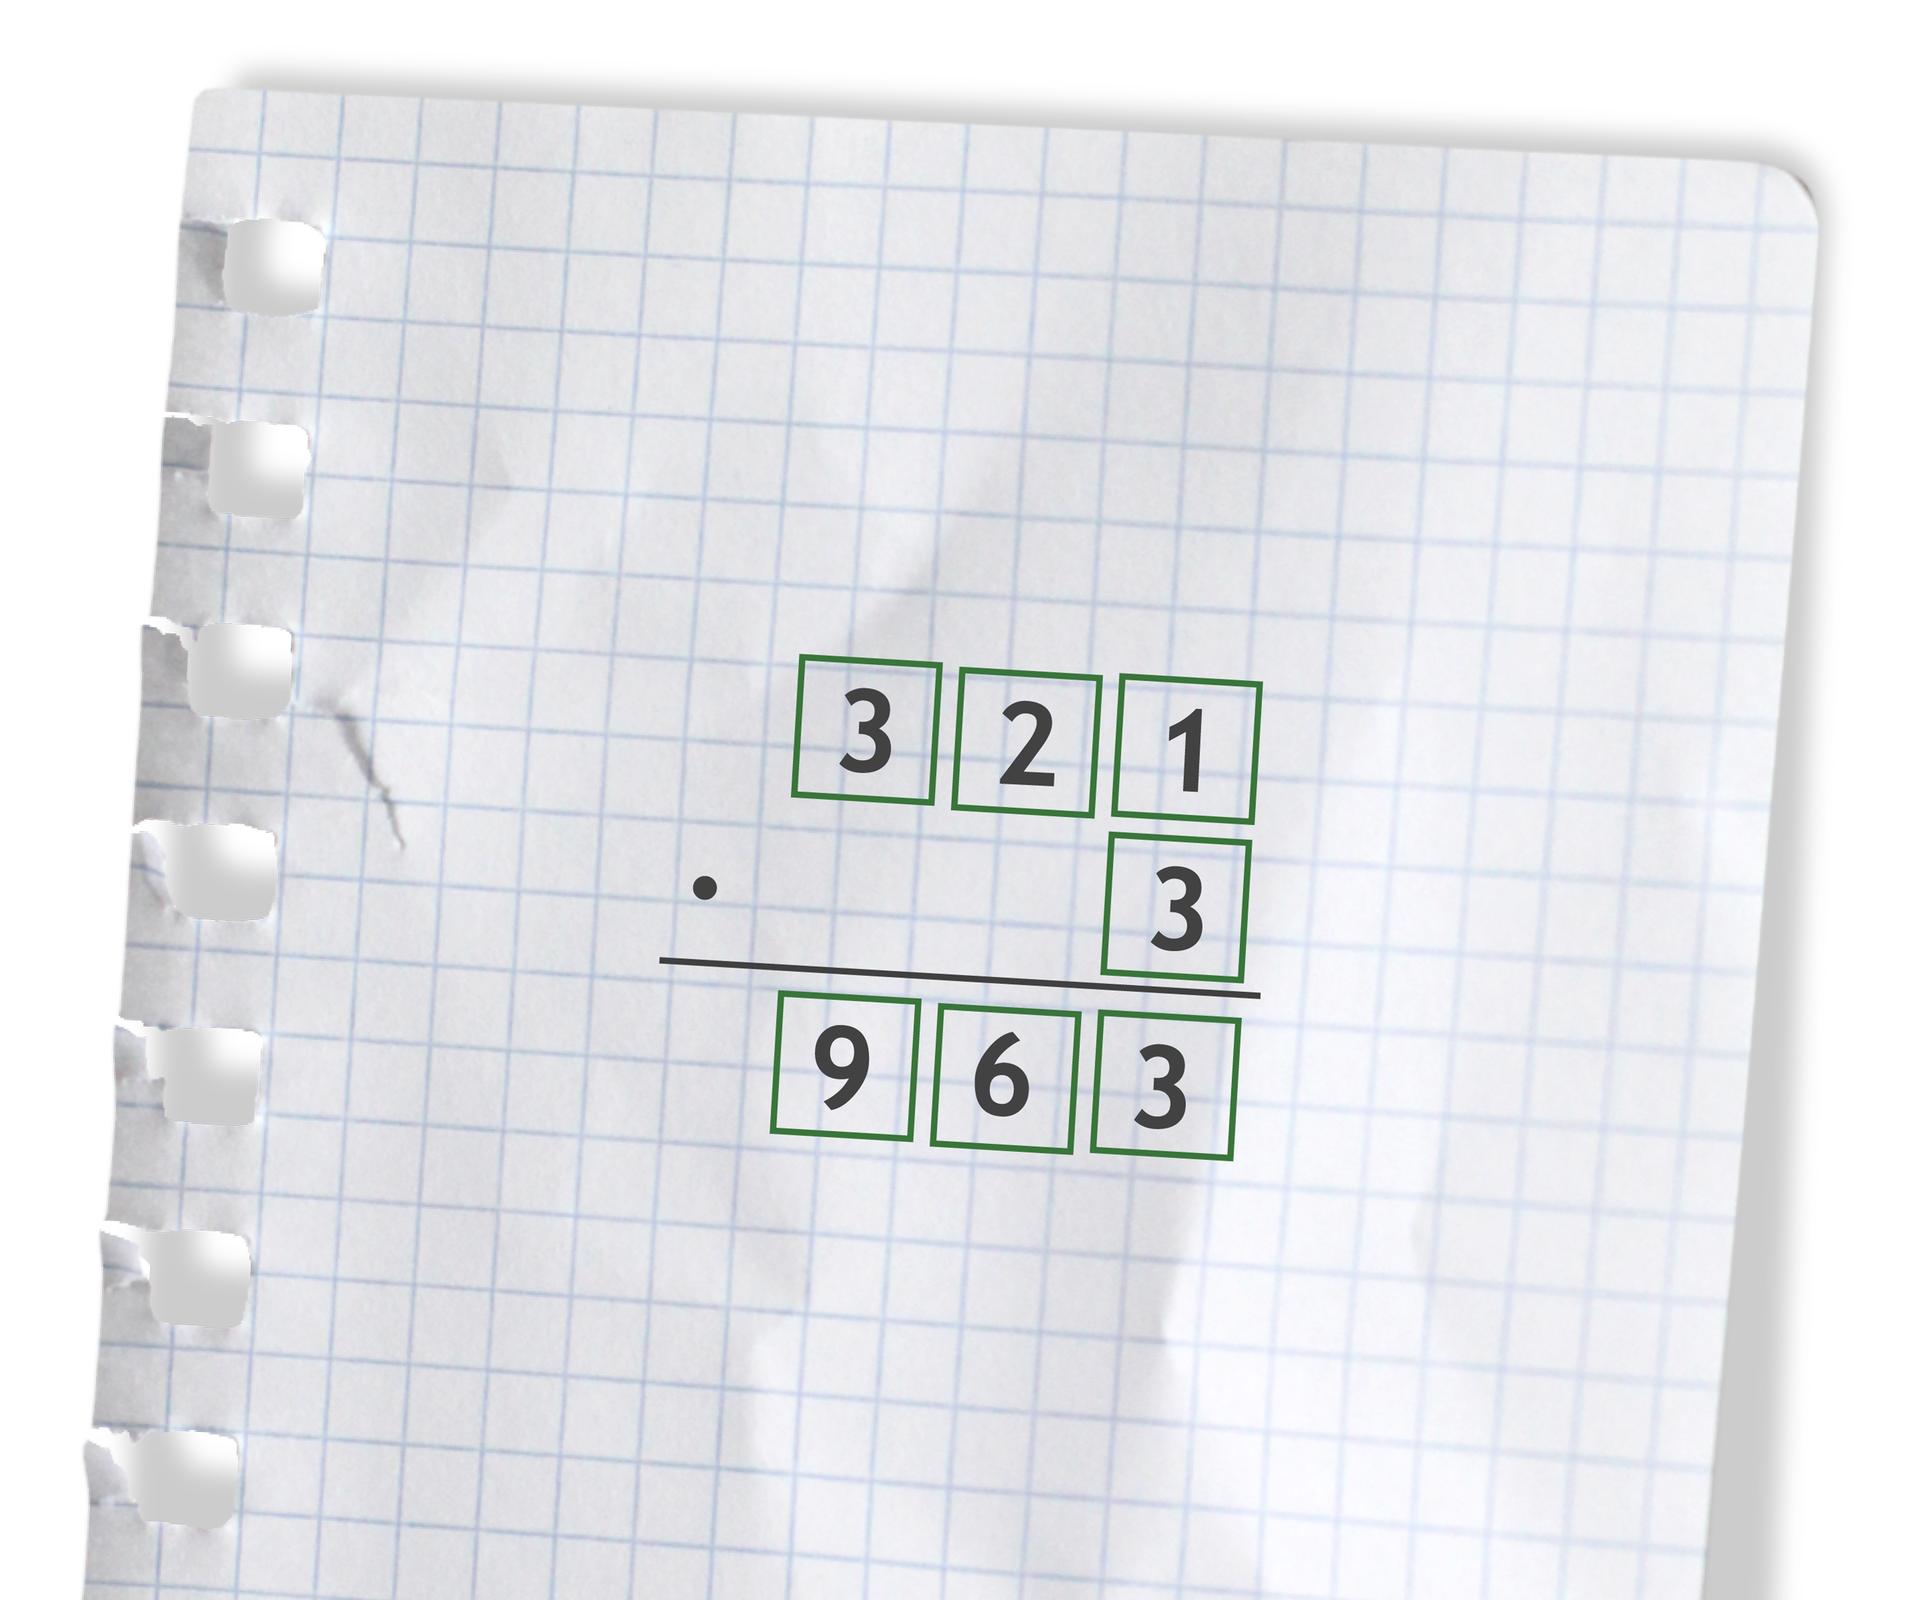 Przykład: 321 razy 3 =963. Rozwiązanie zadania podpunkt b.